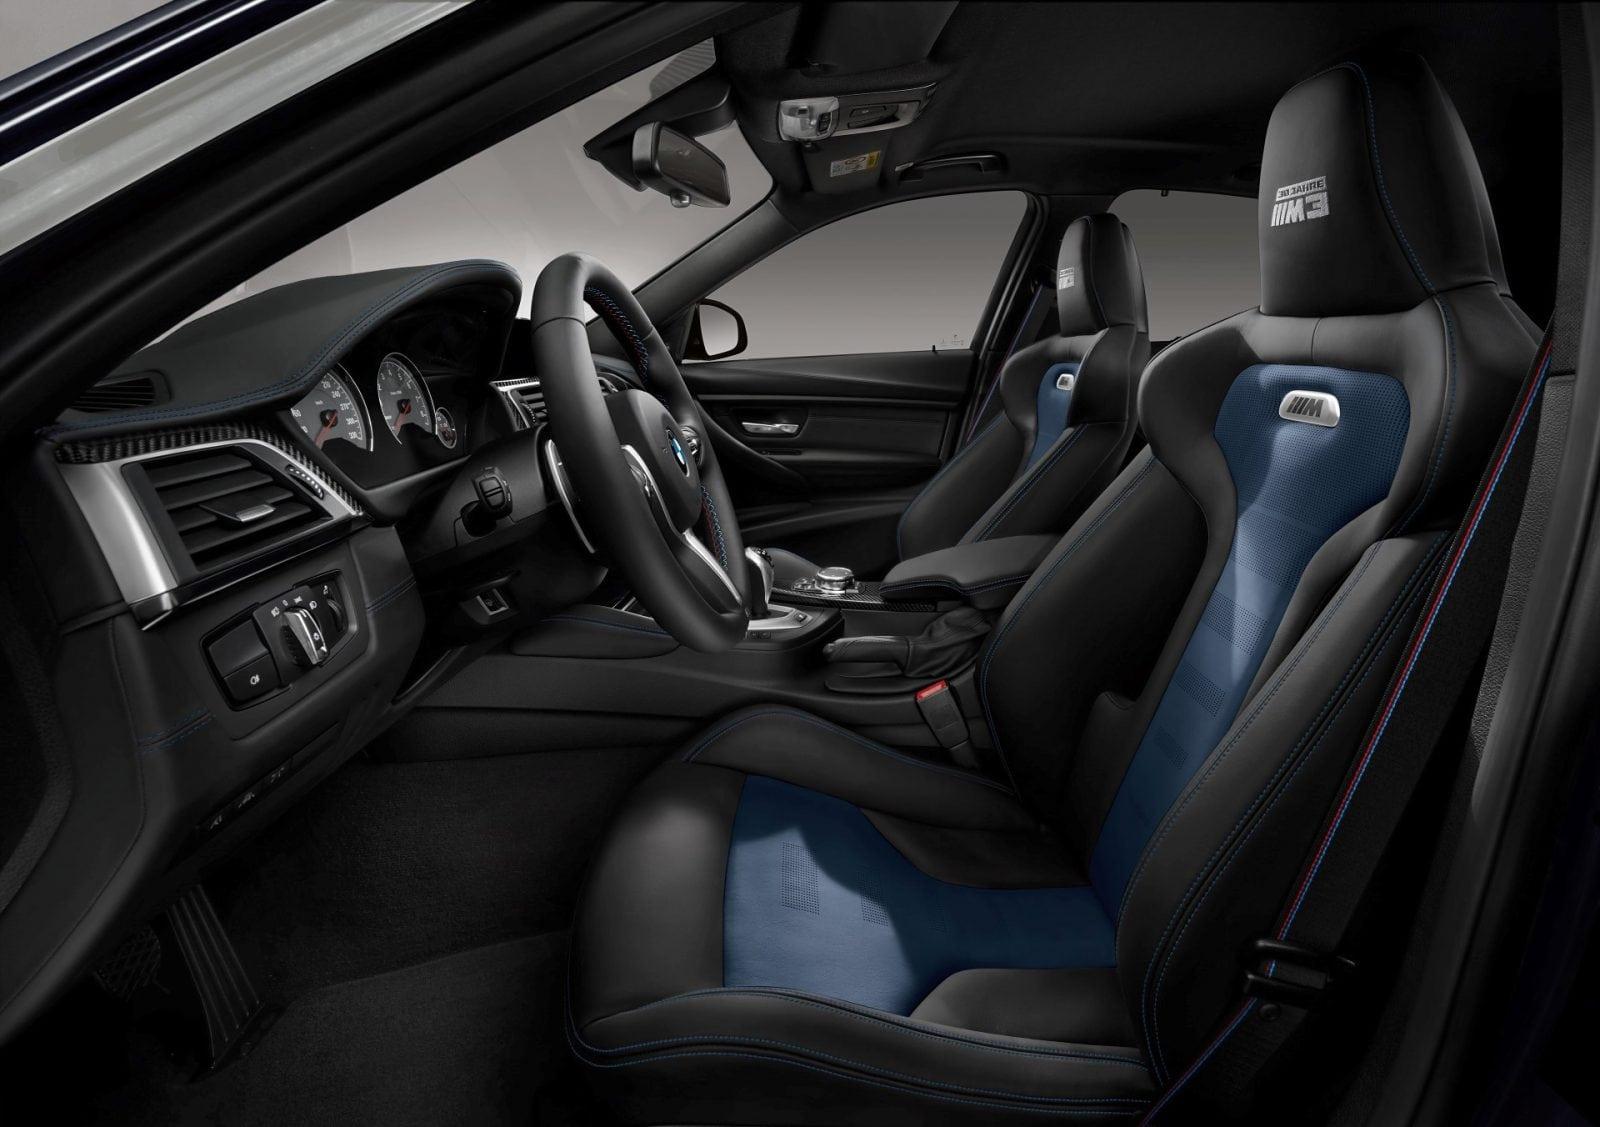 BMW M3 30 Jahre Limited Edition специально для Великобритании. Будет выпущено всего 30 экземпляров